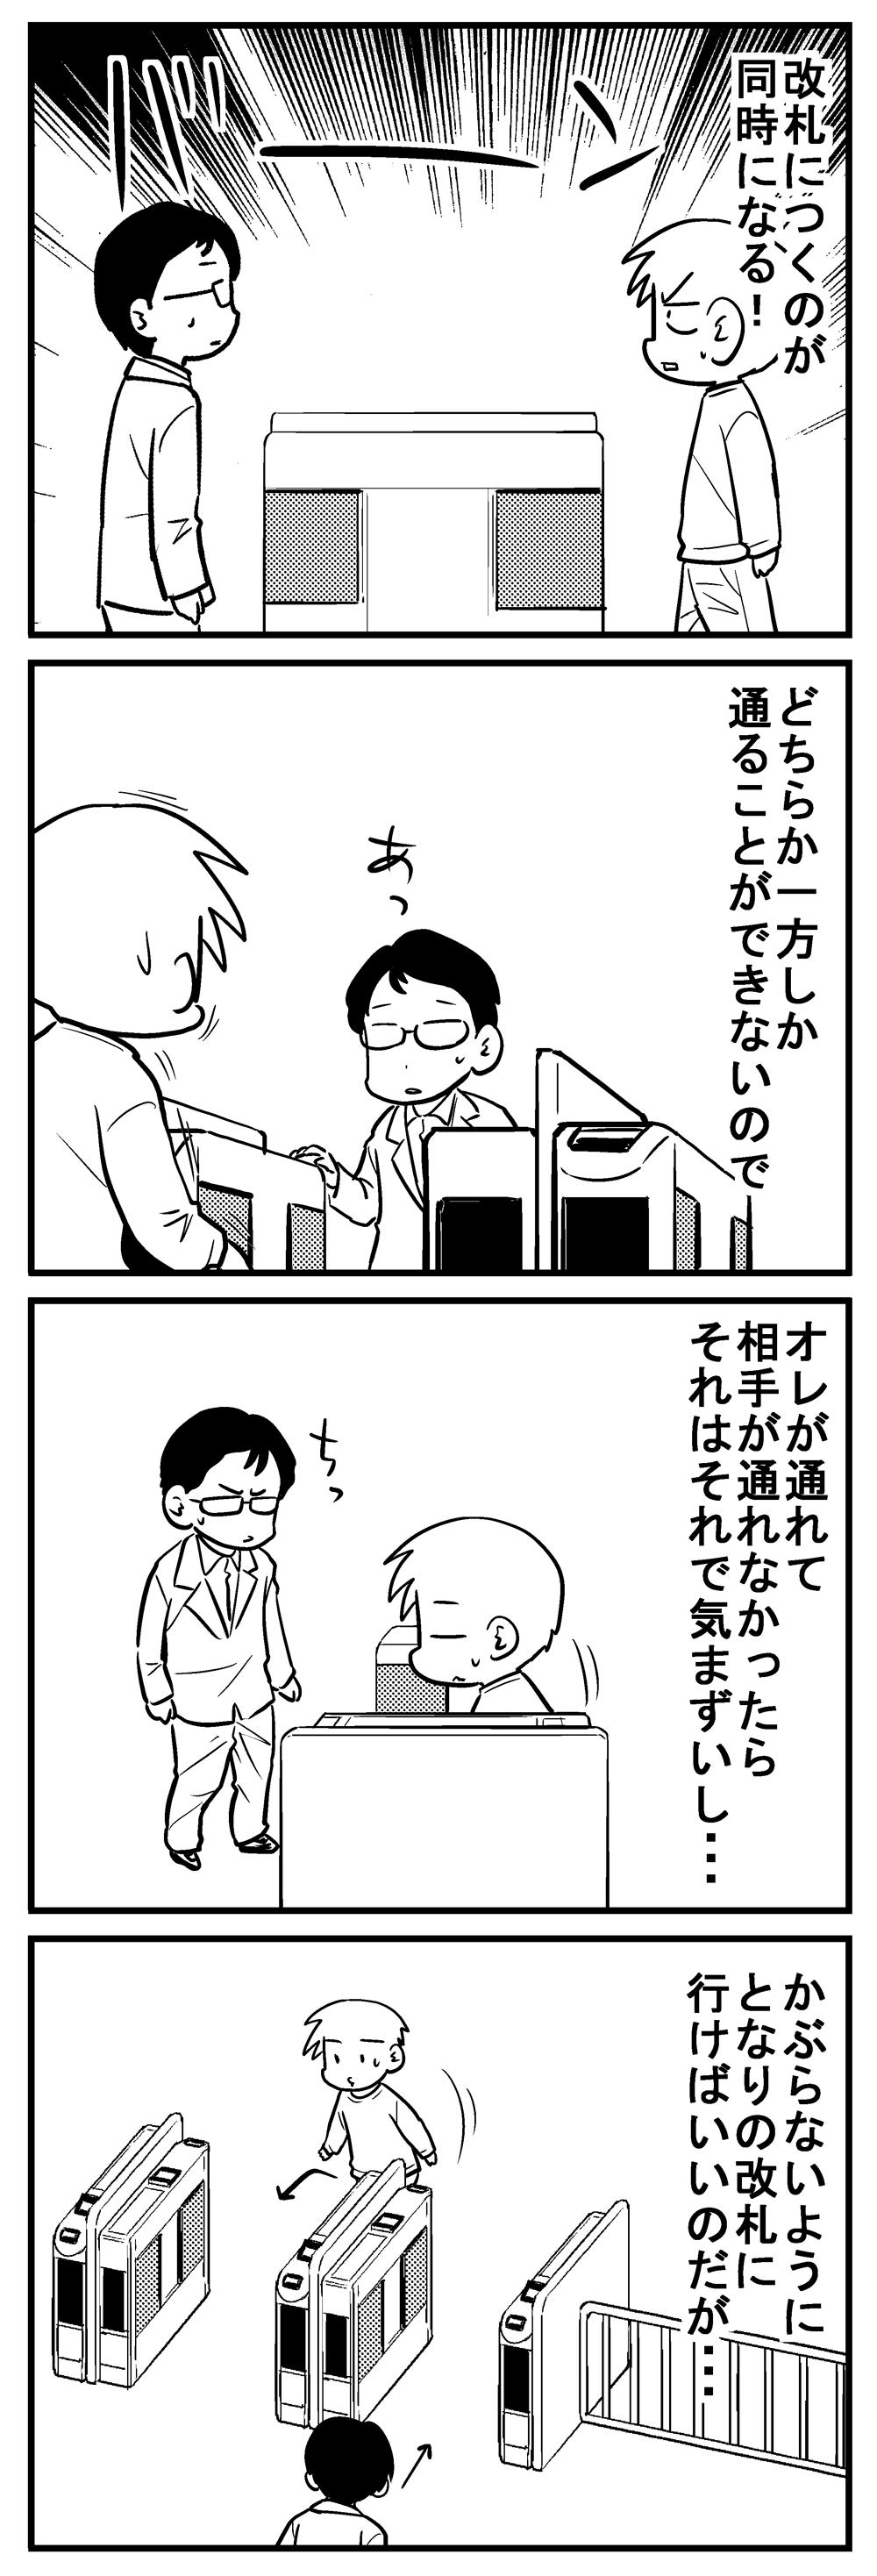 深読みくん113 2